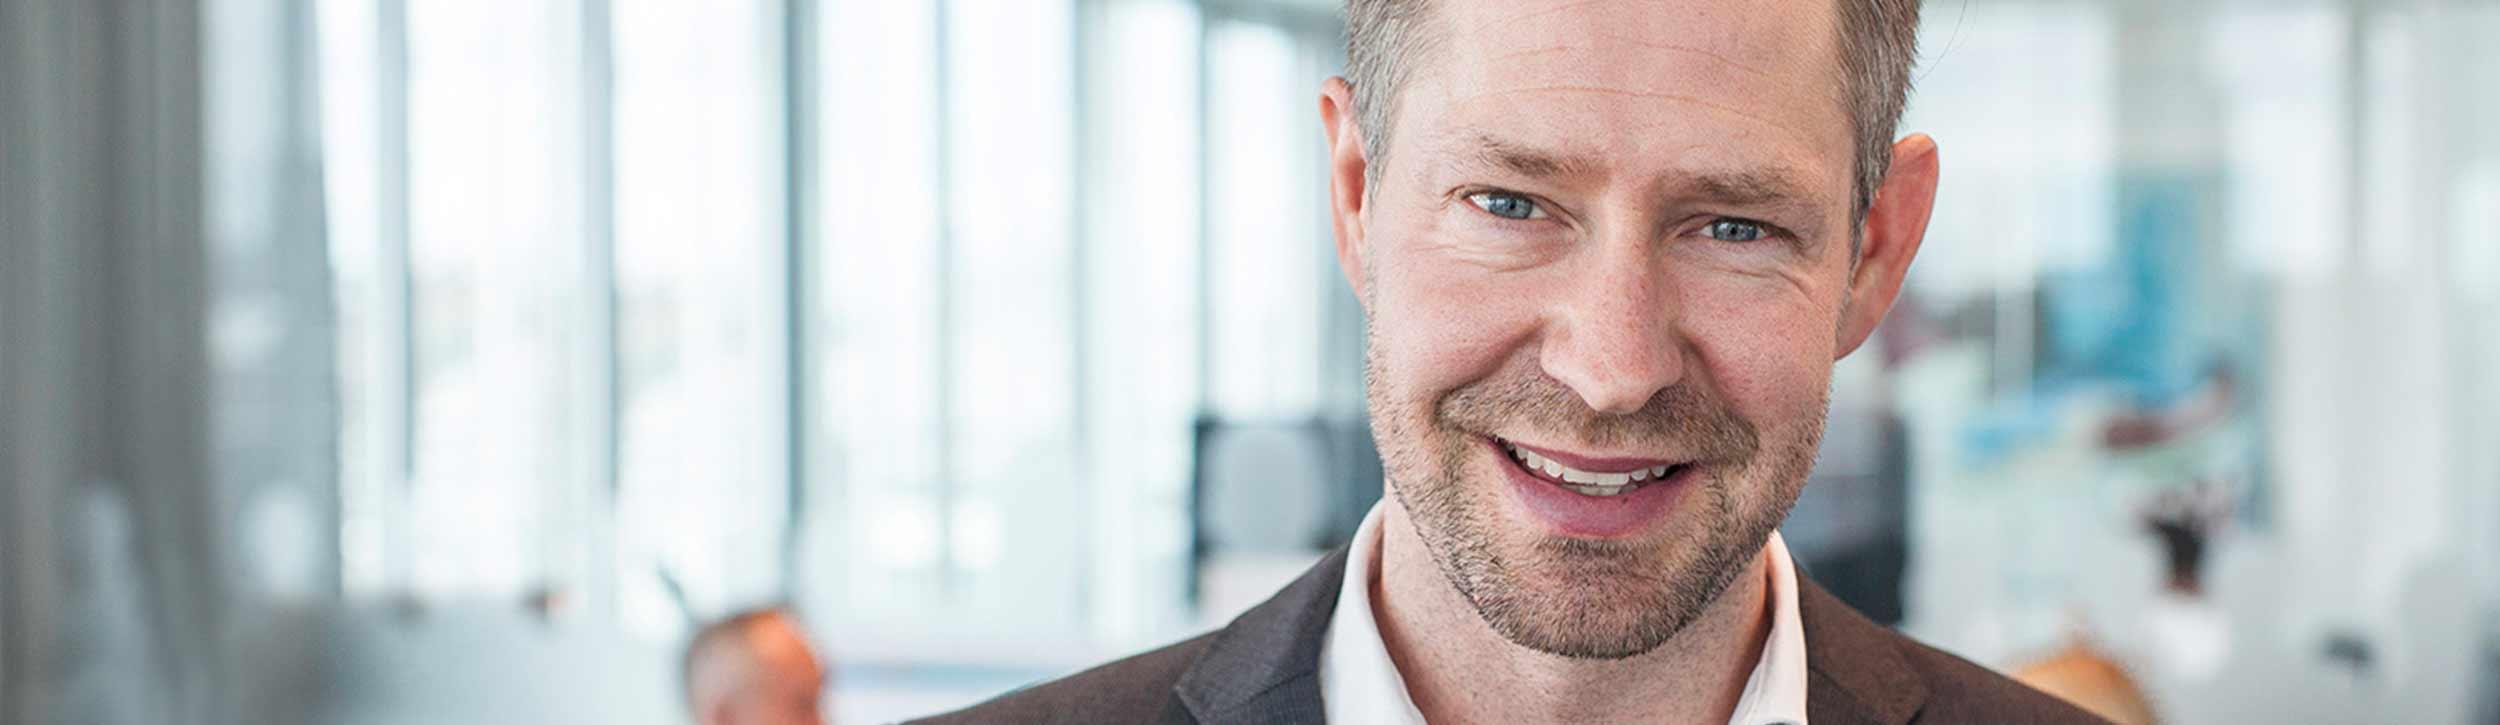 Rekrytering: TNG i Malmö och Skåne sköter rekrytering fördomsfritt åt många företag i regionen